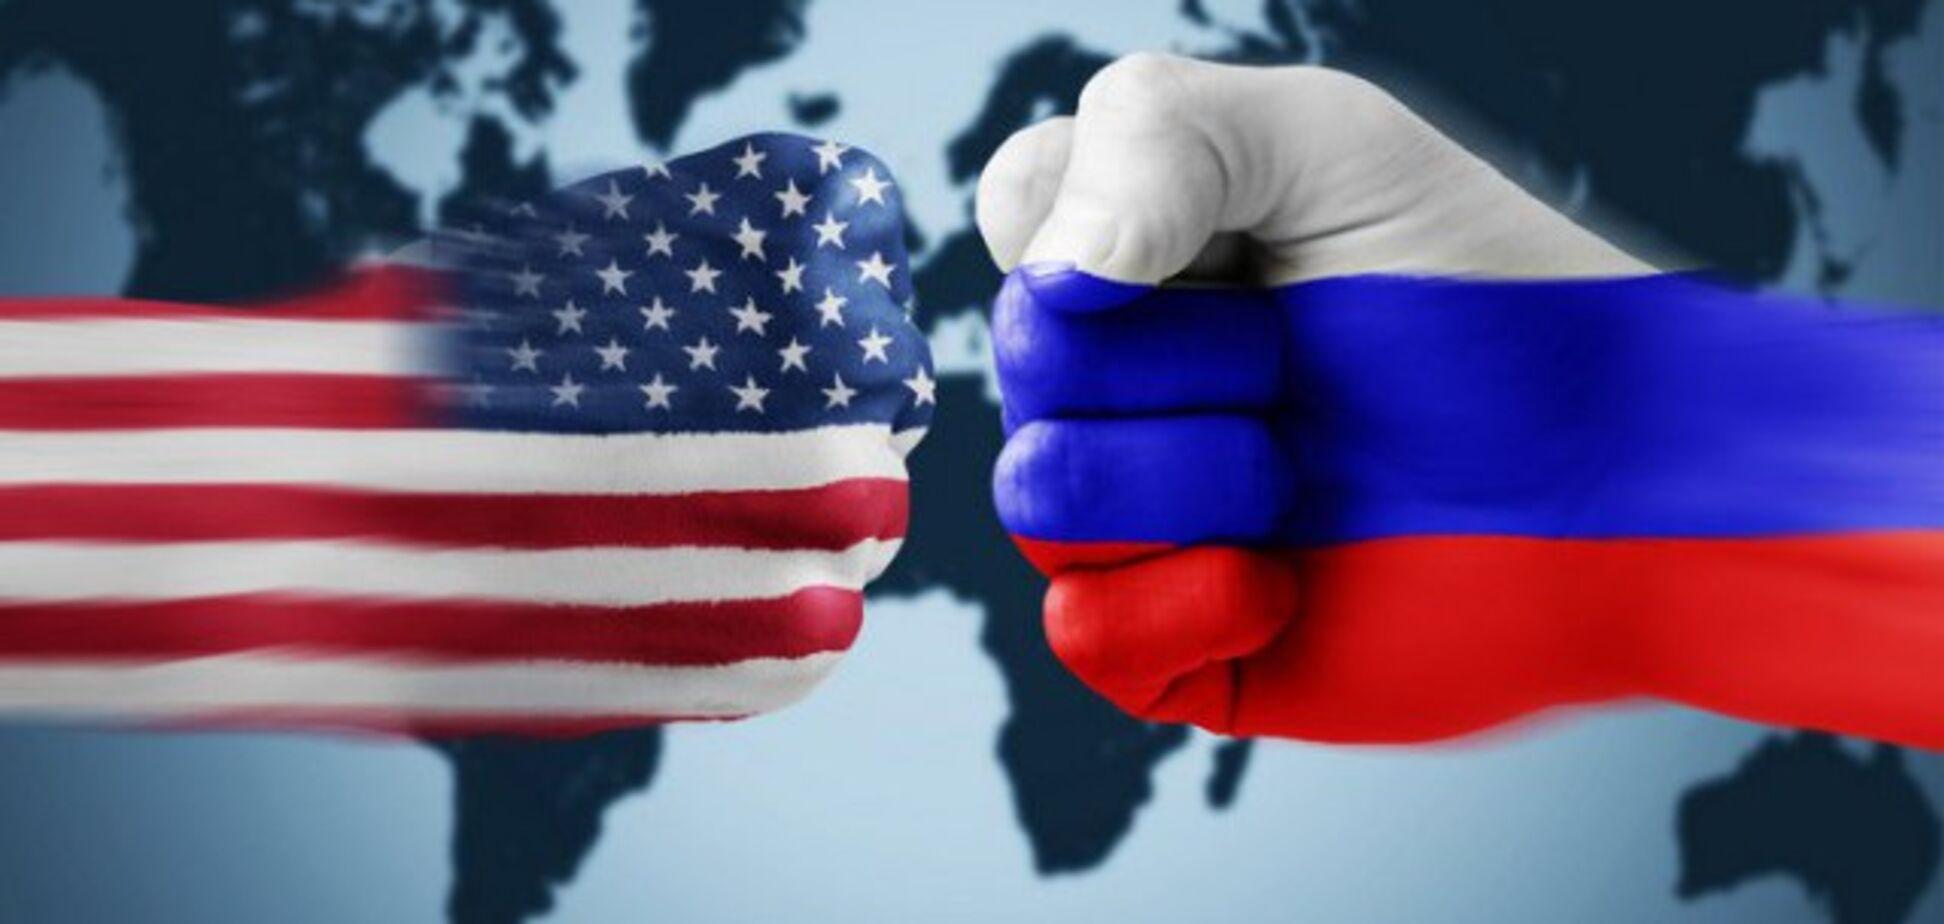 Здати зв'язки з олігархами Путіна: у США висунули ультиматум світовим банкам